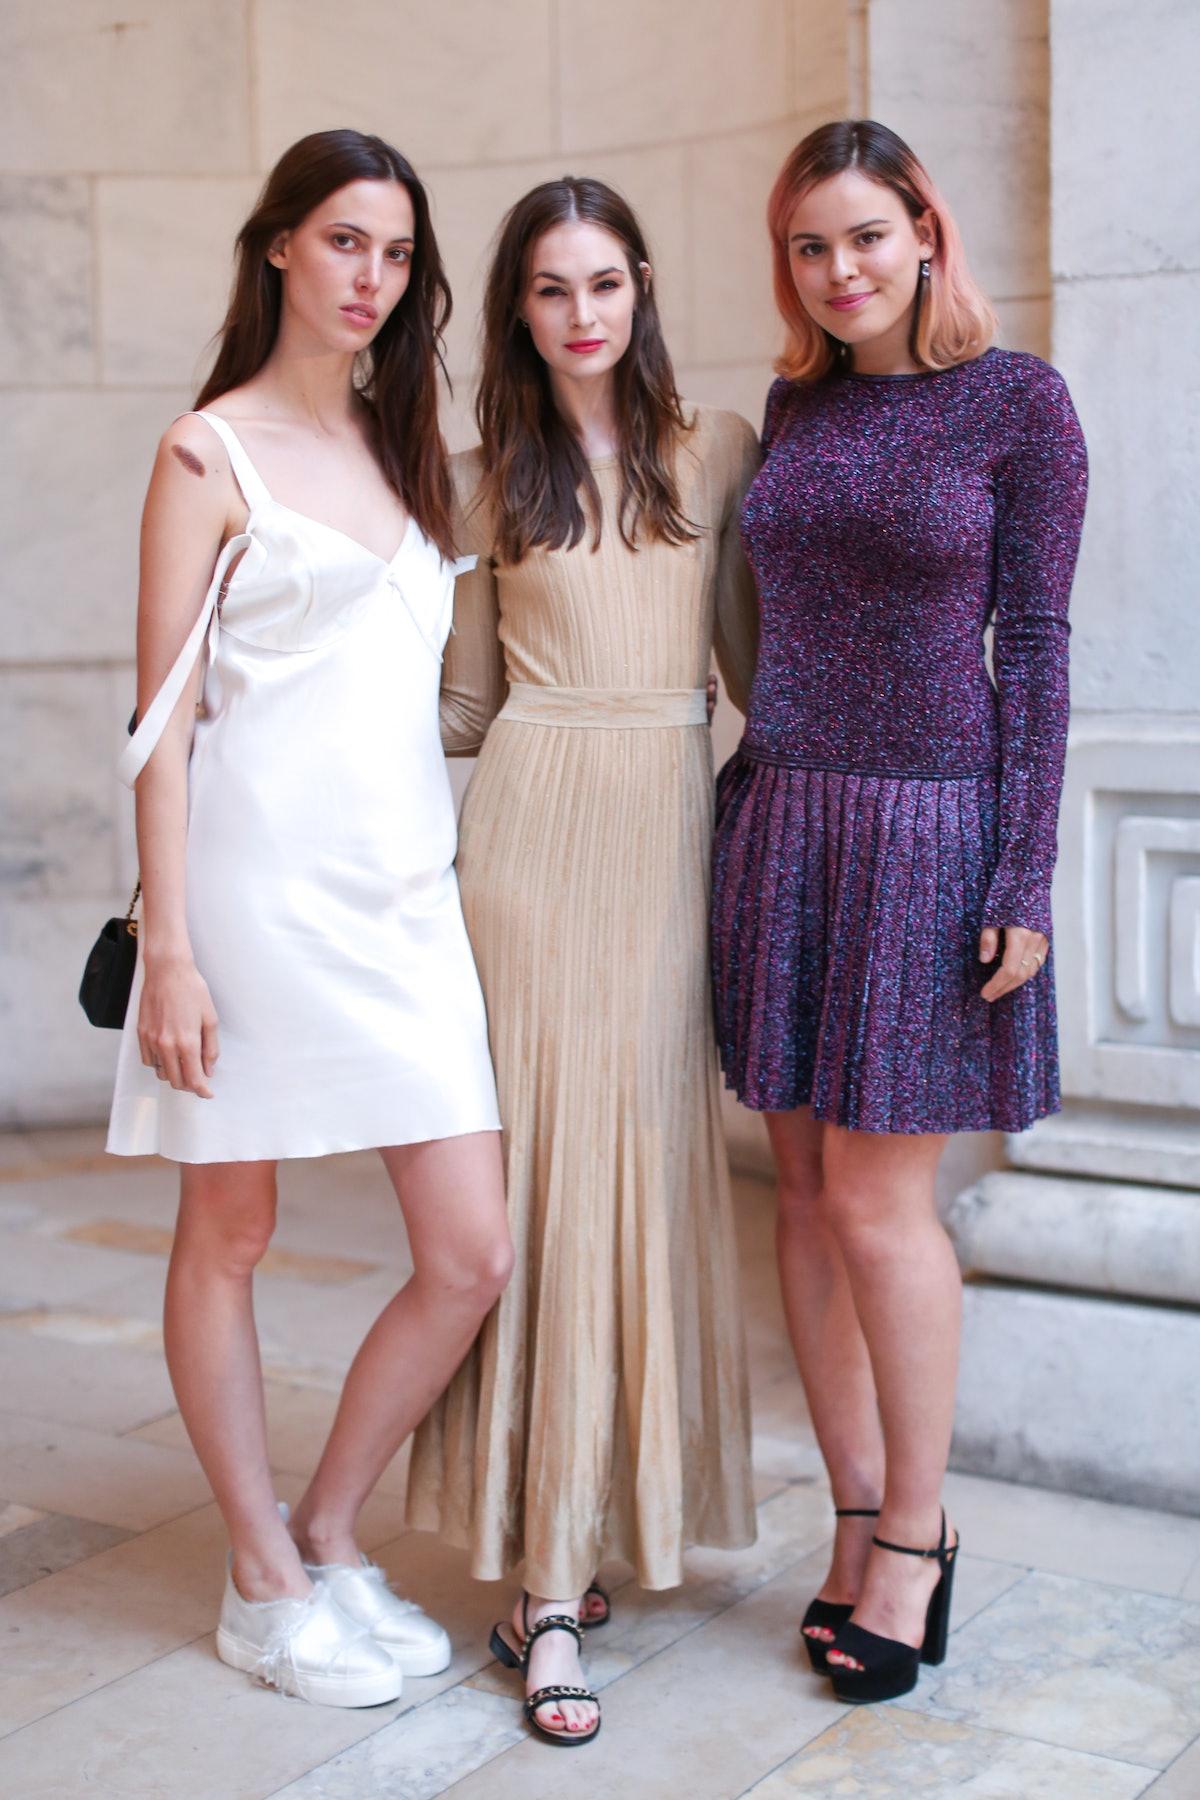 Lily Aldridge, Laura Love, and Atlanta de Cadenet Taylor